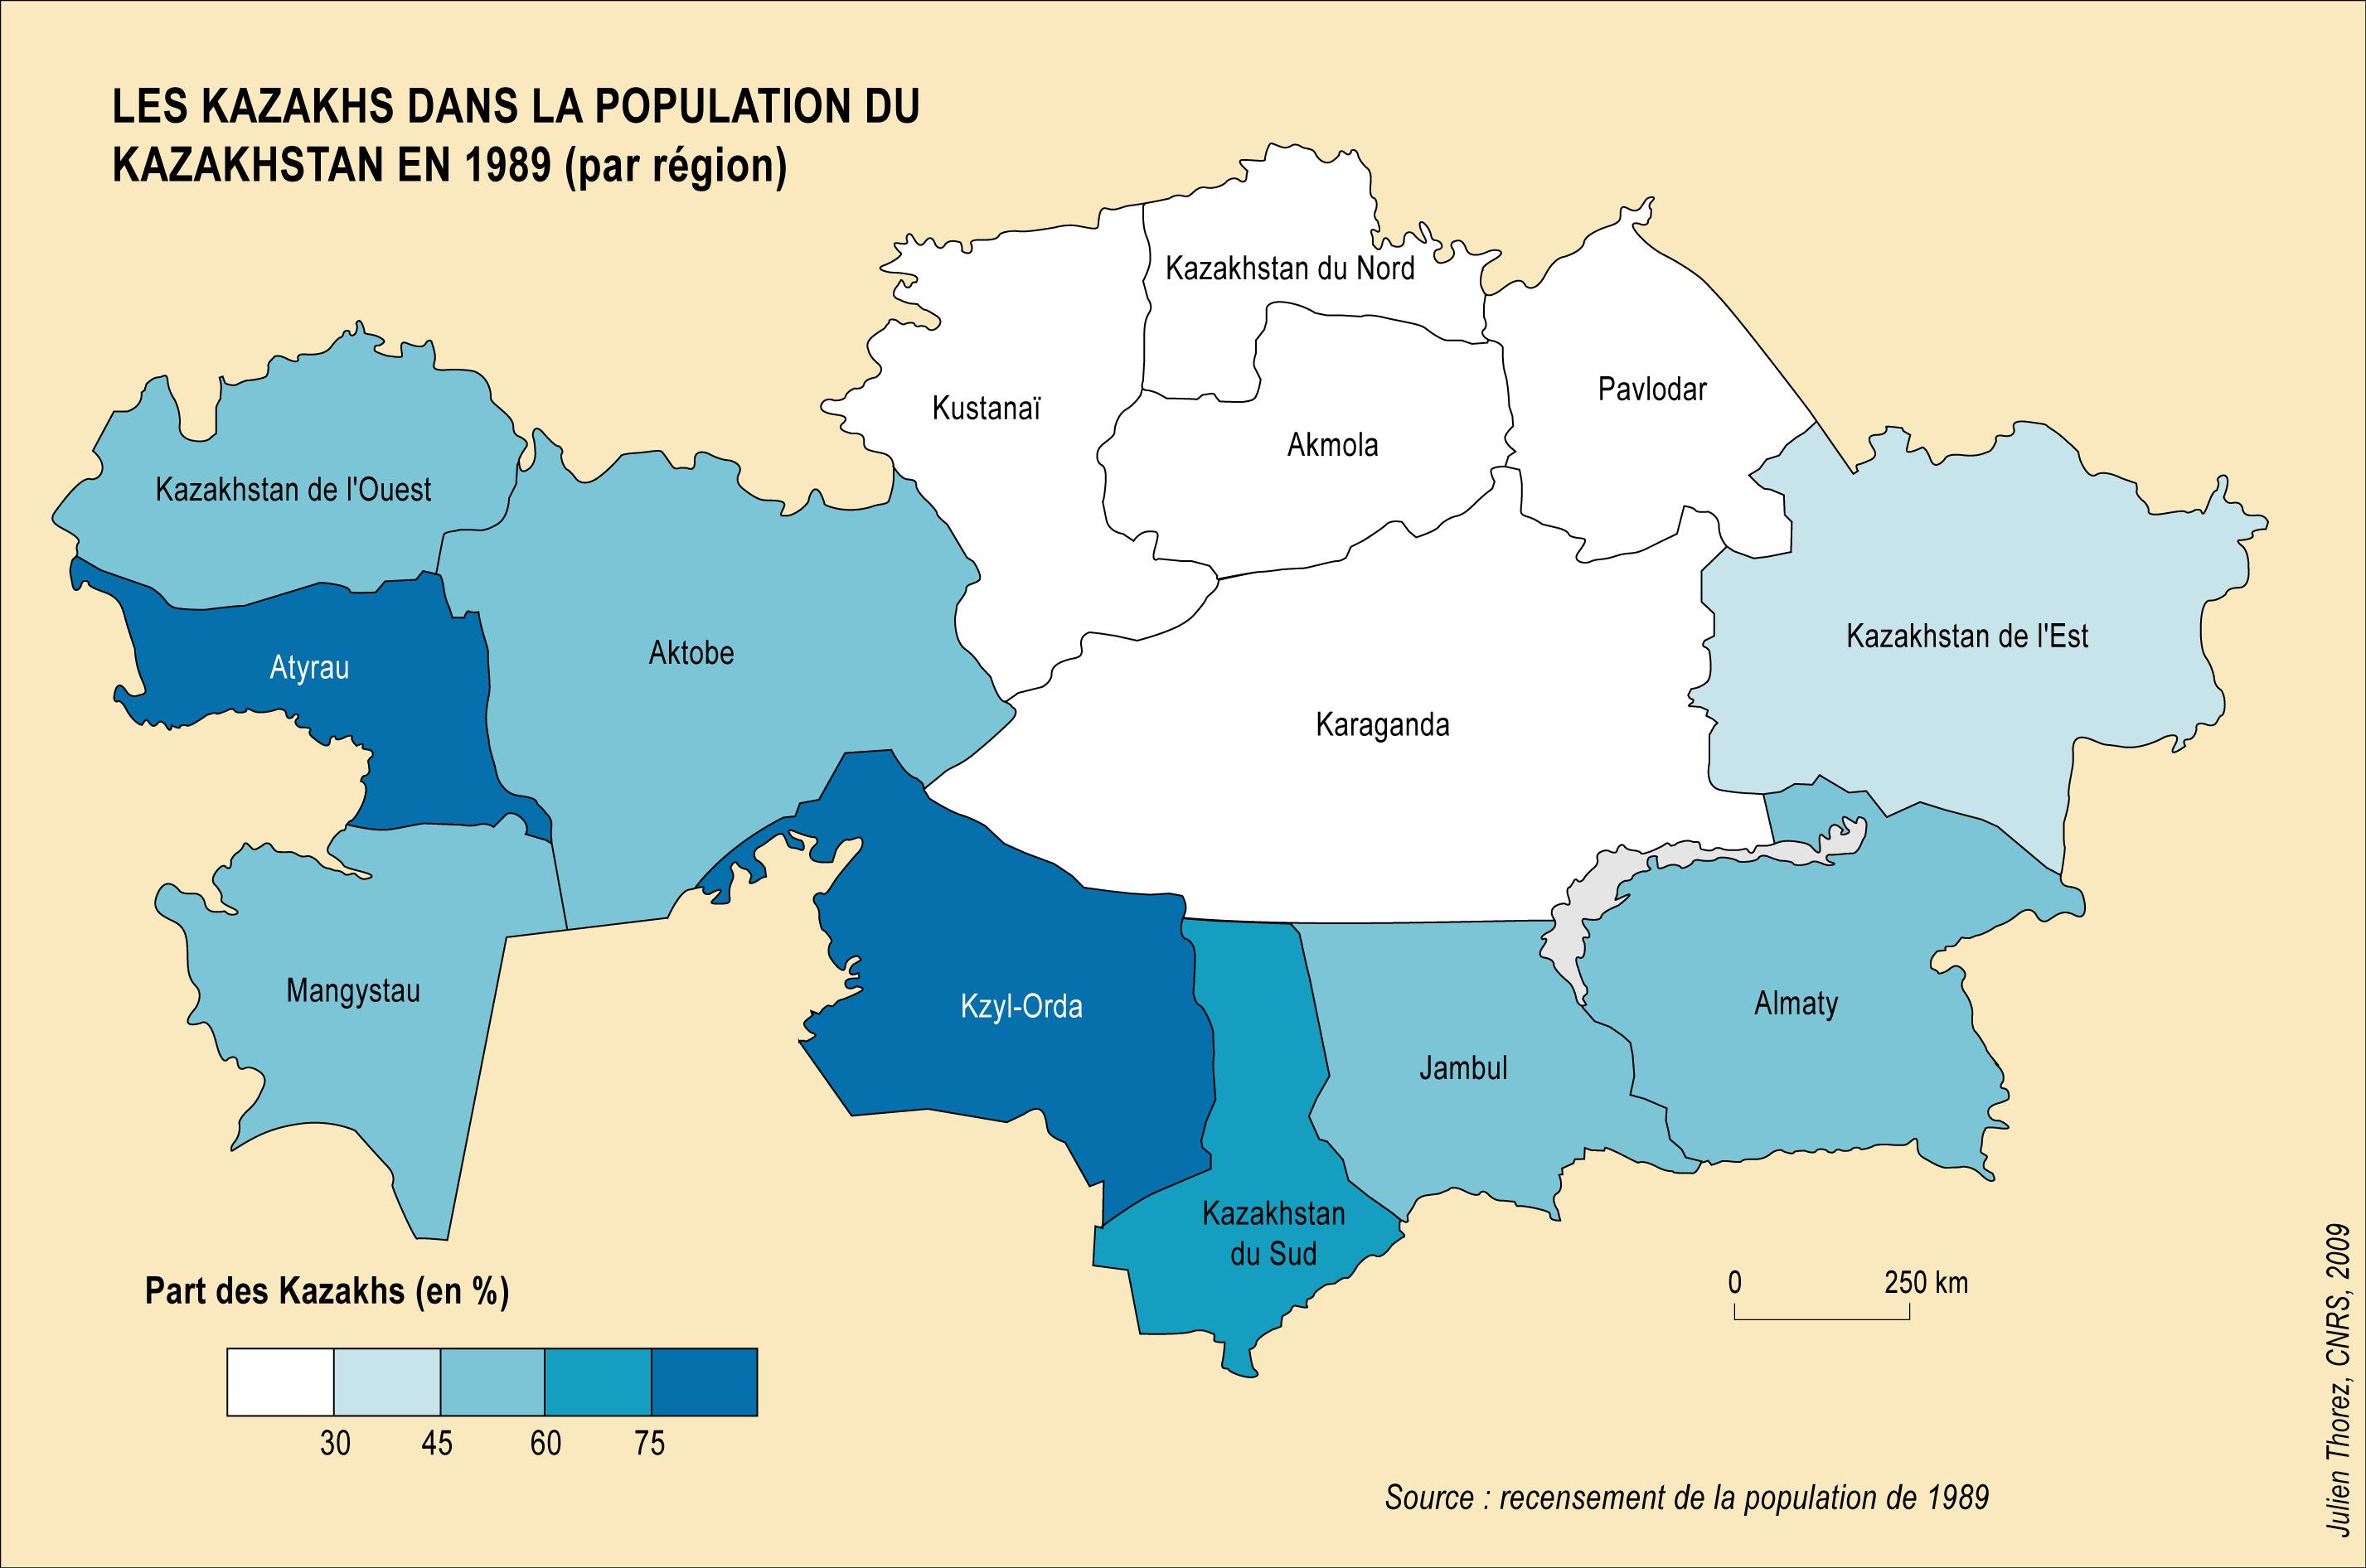 Les Kazakhs dans la population du Kazakhstan en 1989.